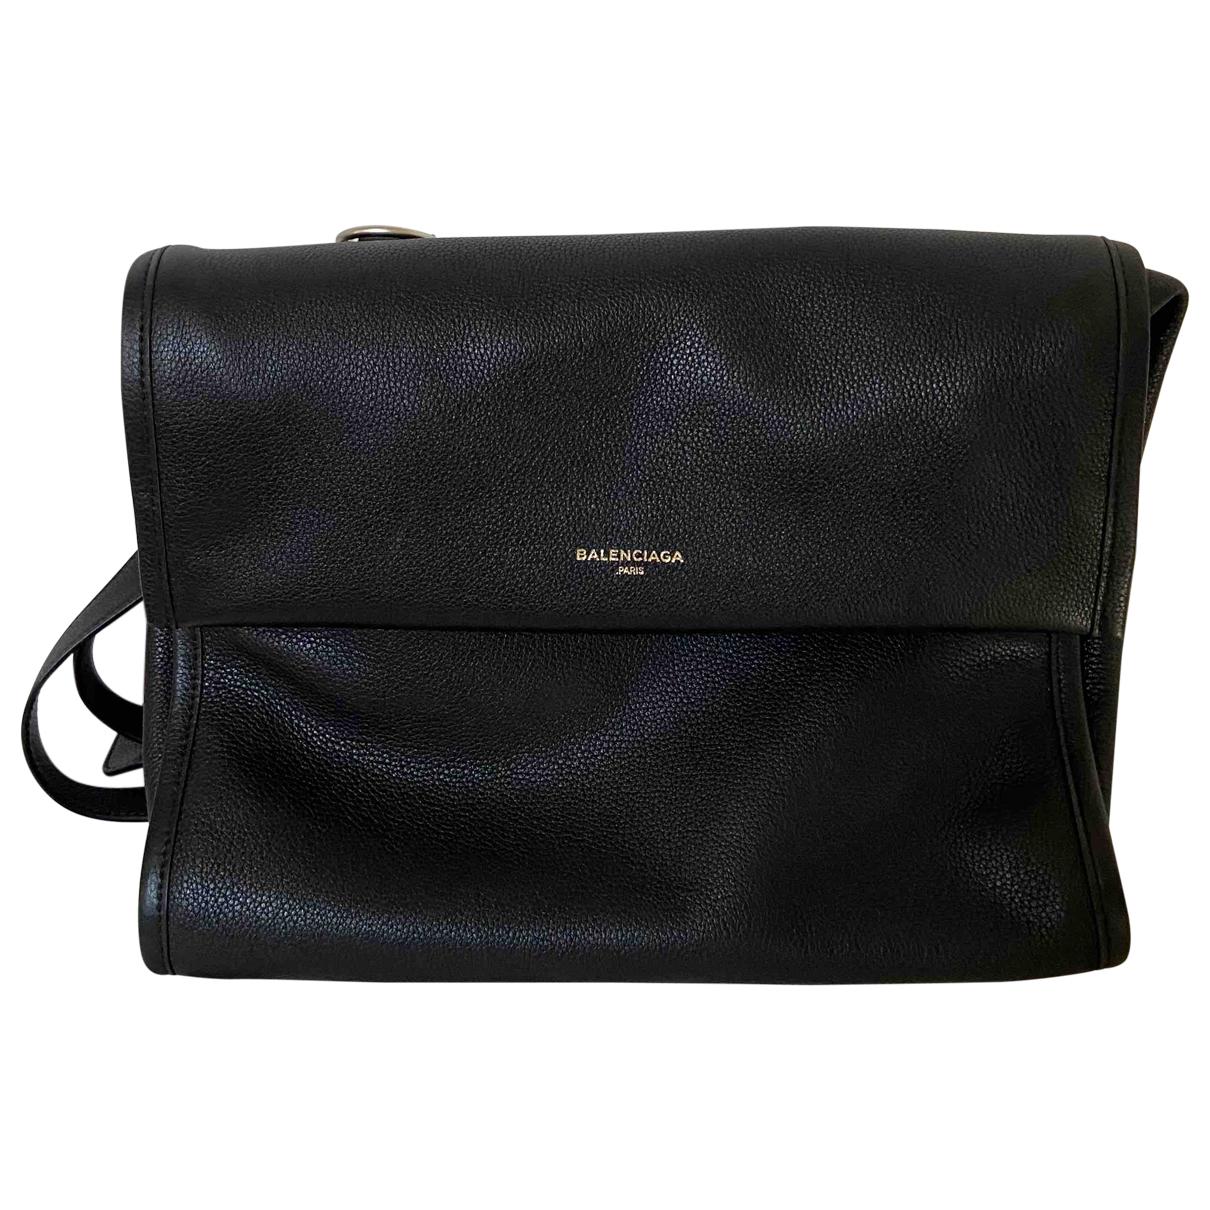 Balenciaga \N Handtasche in  Schwarz Leder